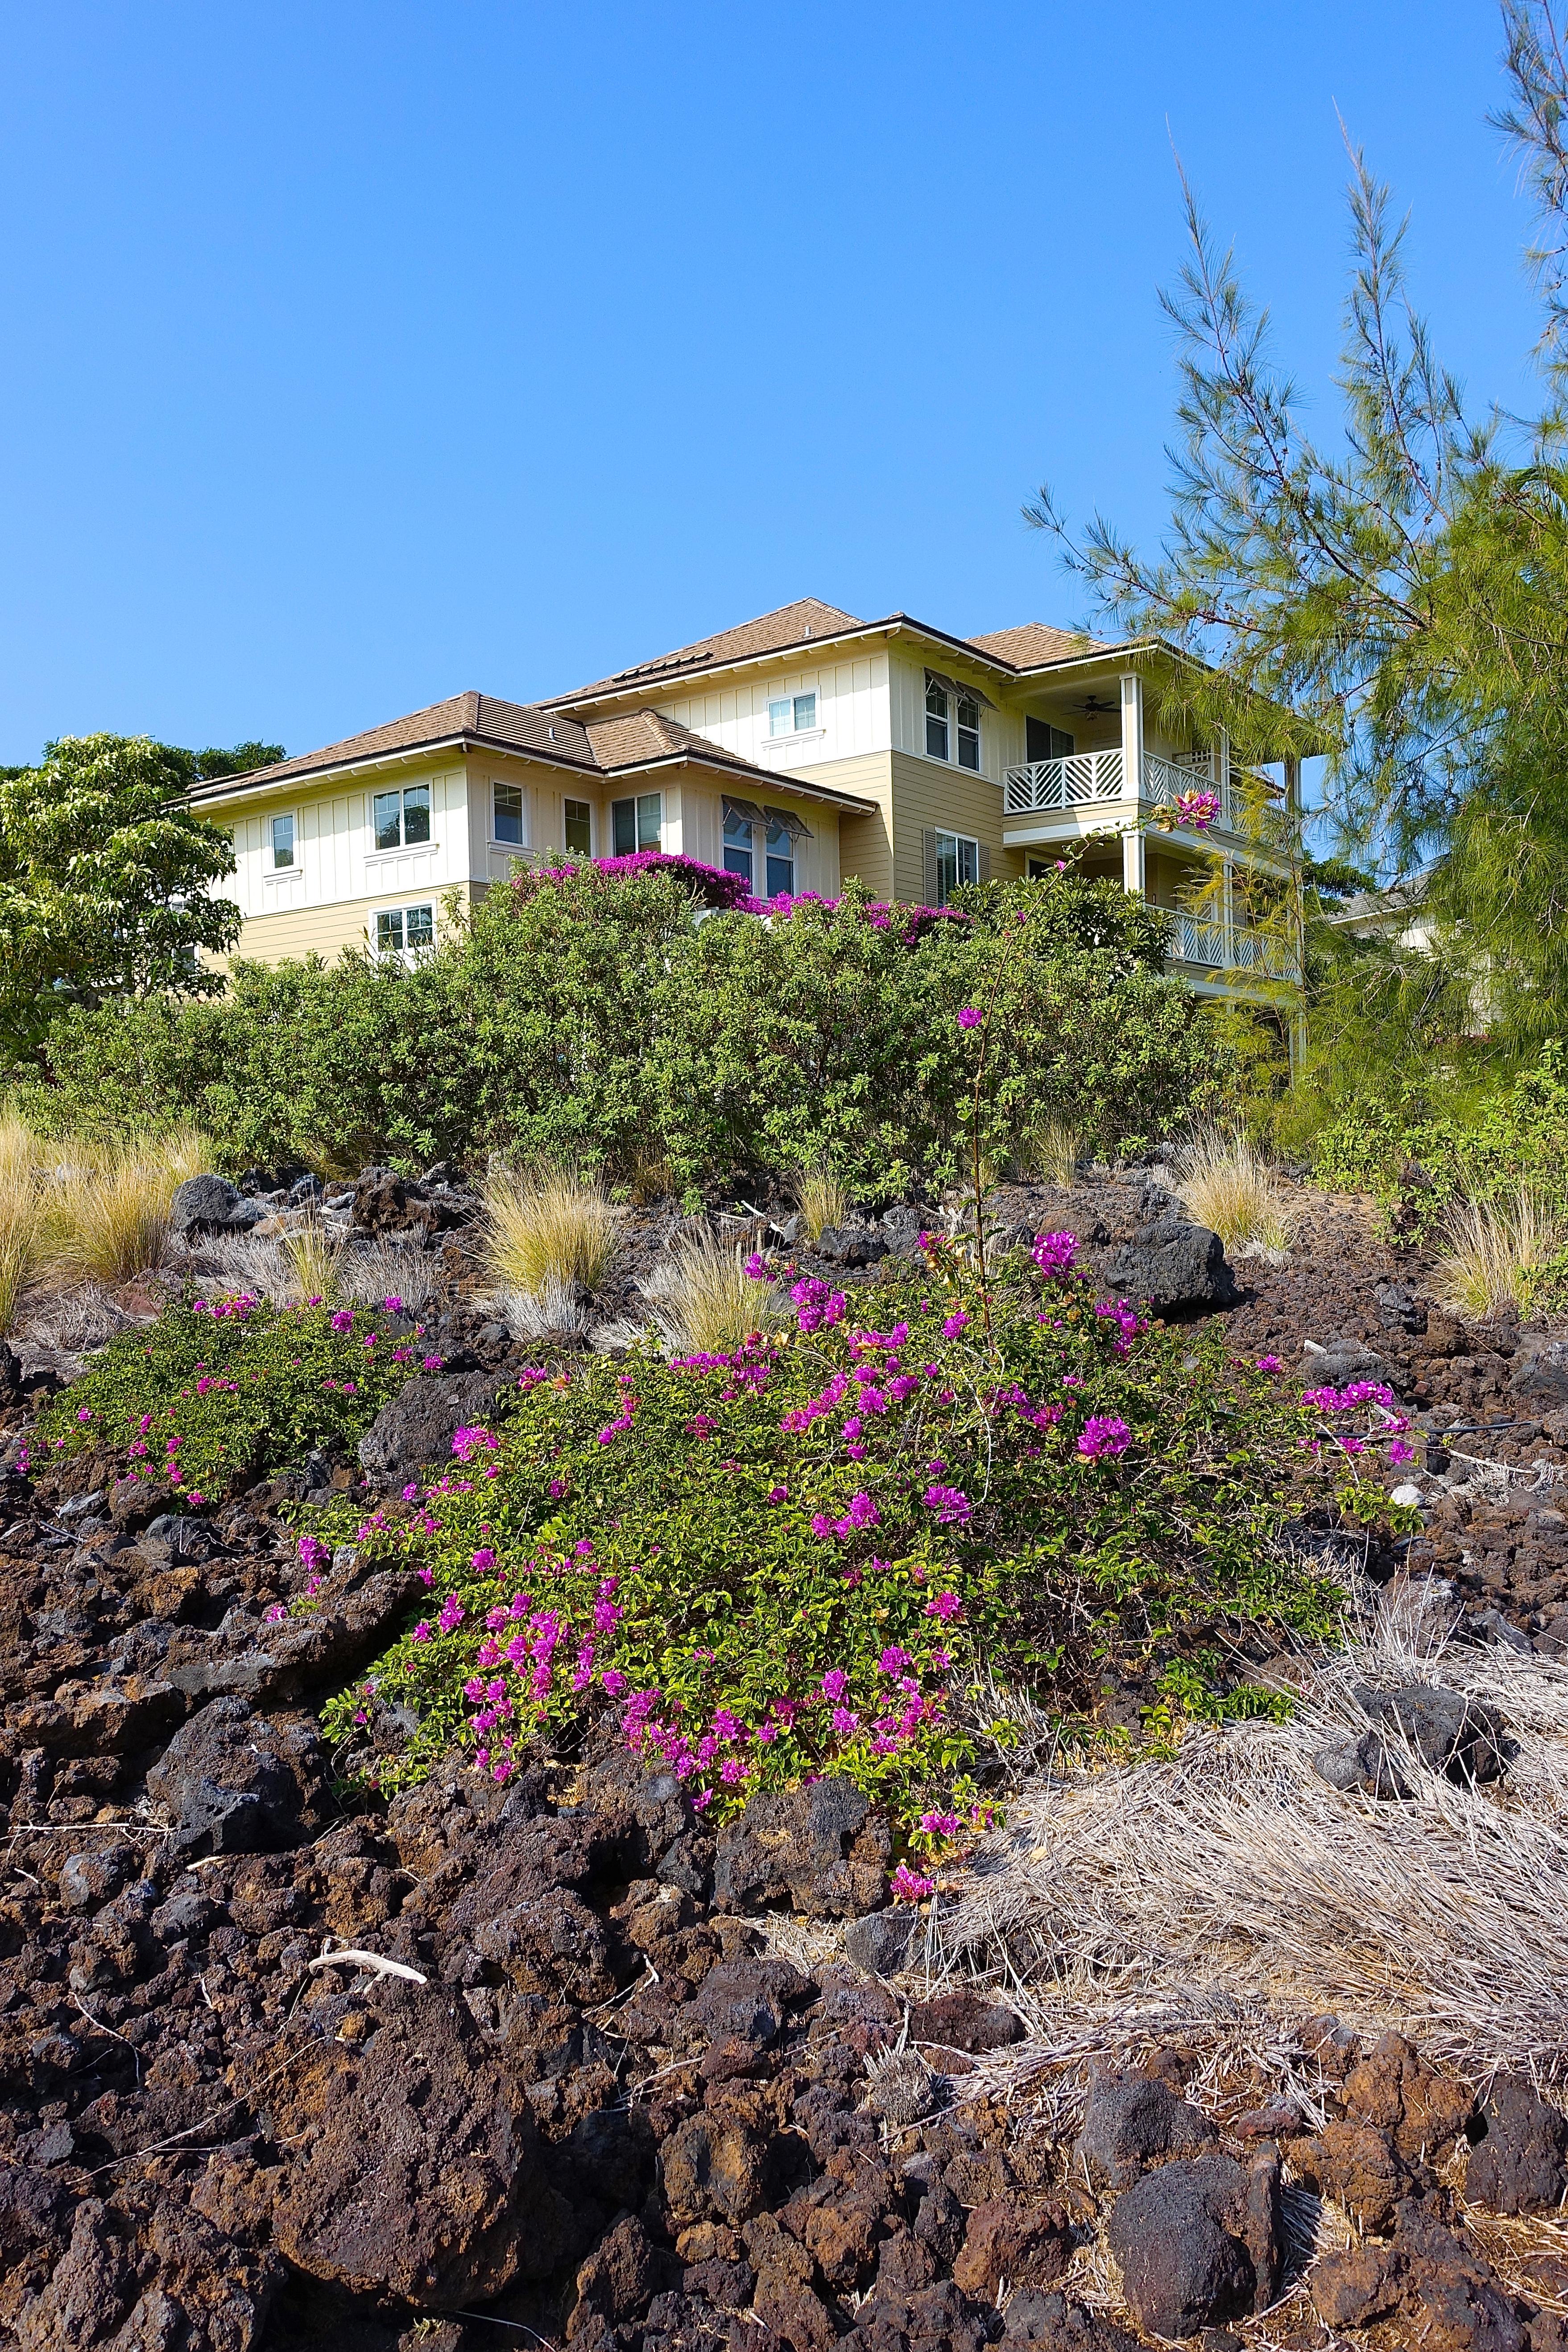 Homes along trail to Waikoloa Petroglyph Fields